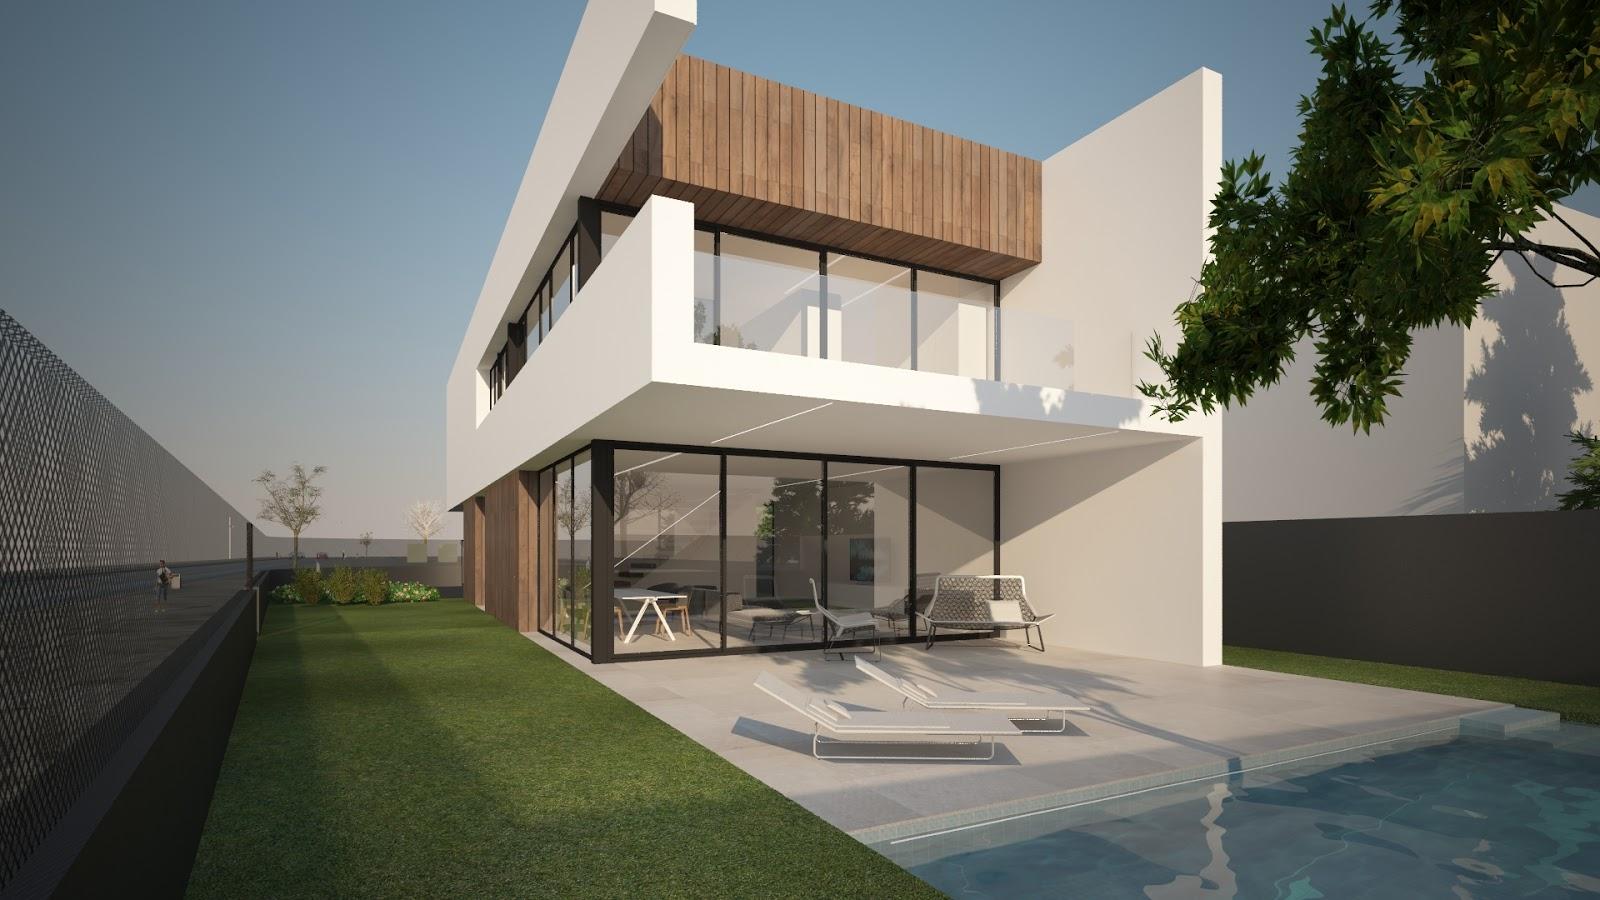 Ruben muedra estudio de arquitectura valencia - Casas en albal ...